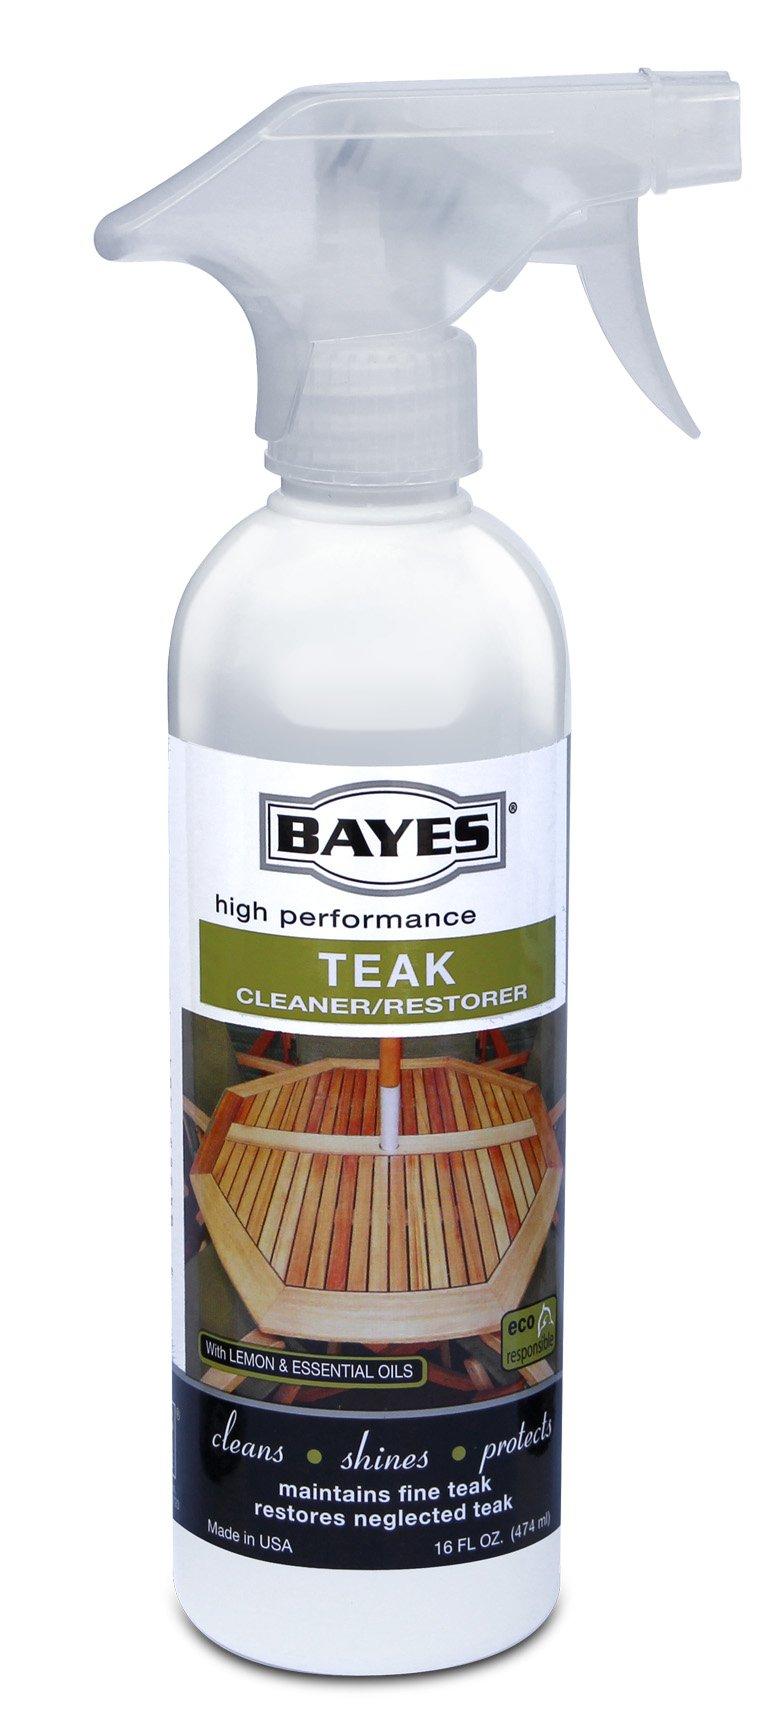 Bayes Teak Cleaner & Restorer-16 oz